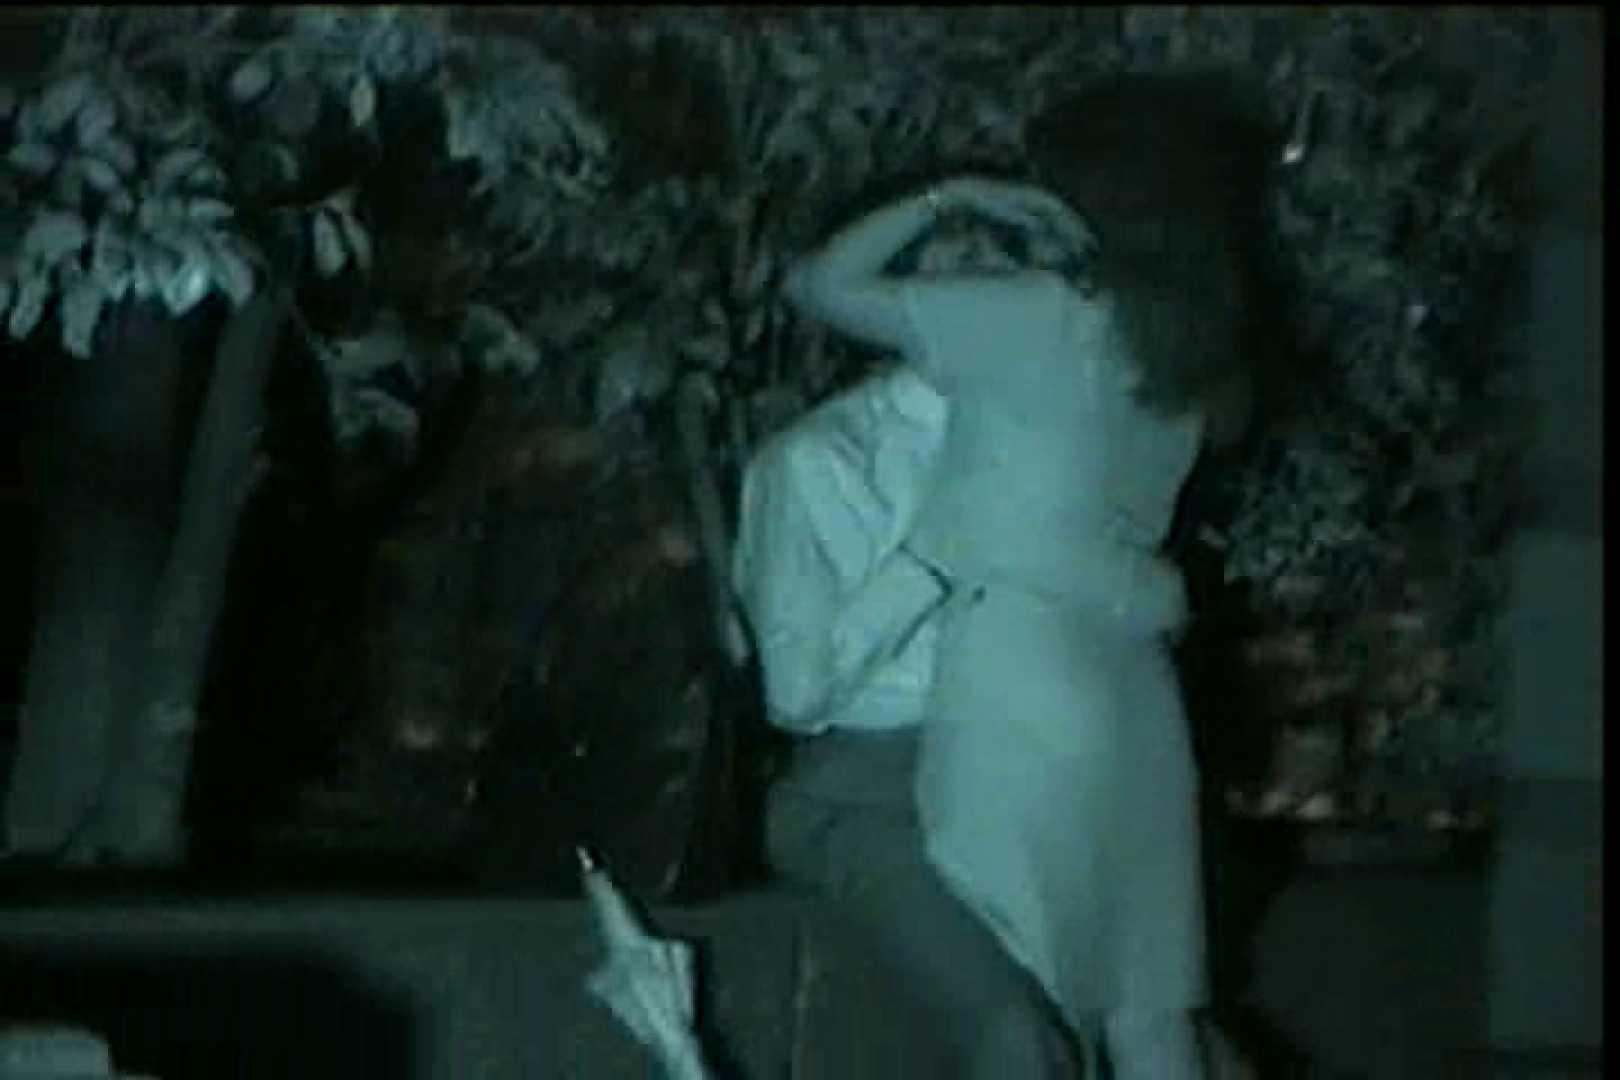 闇の仕掛け人 無修正版 Vol.19 美しいOLの裸体 アダルト動画キャプチャ 106pic 14